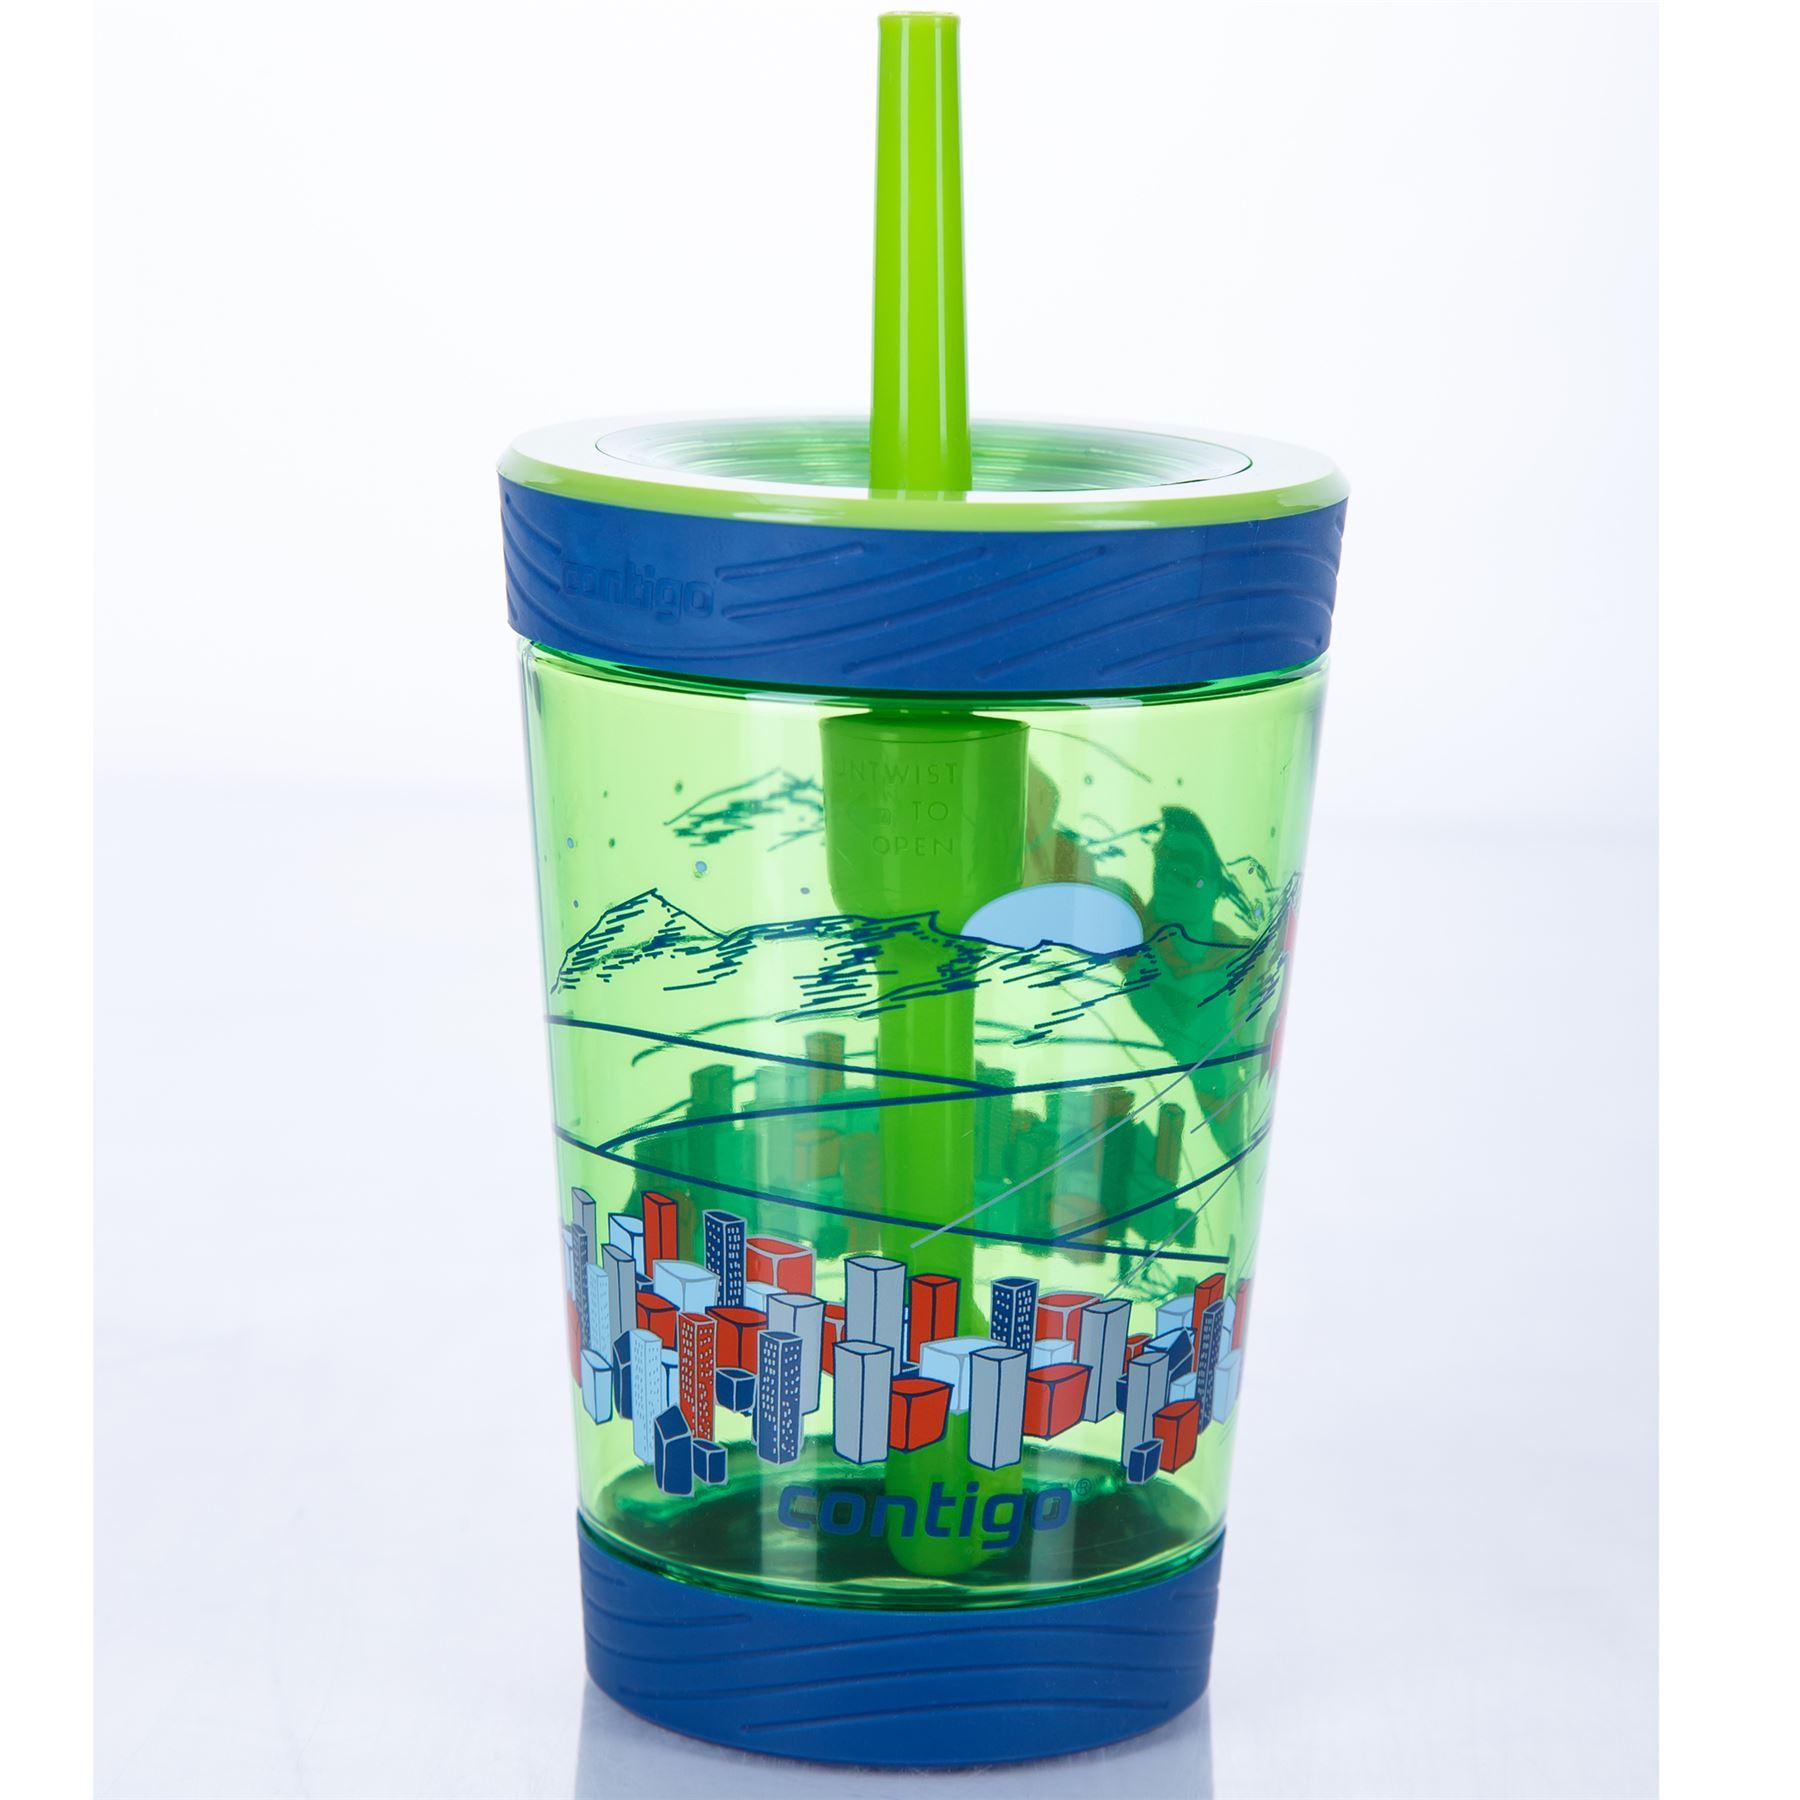 Contigo-Kids-039-Spill-Proof-Tumbler-boissons-bouteille-d-039-eau-avec-paille-BPA-Free-420-ml miniature 3